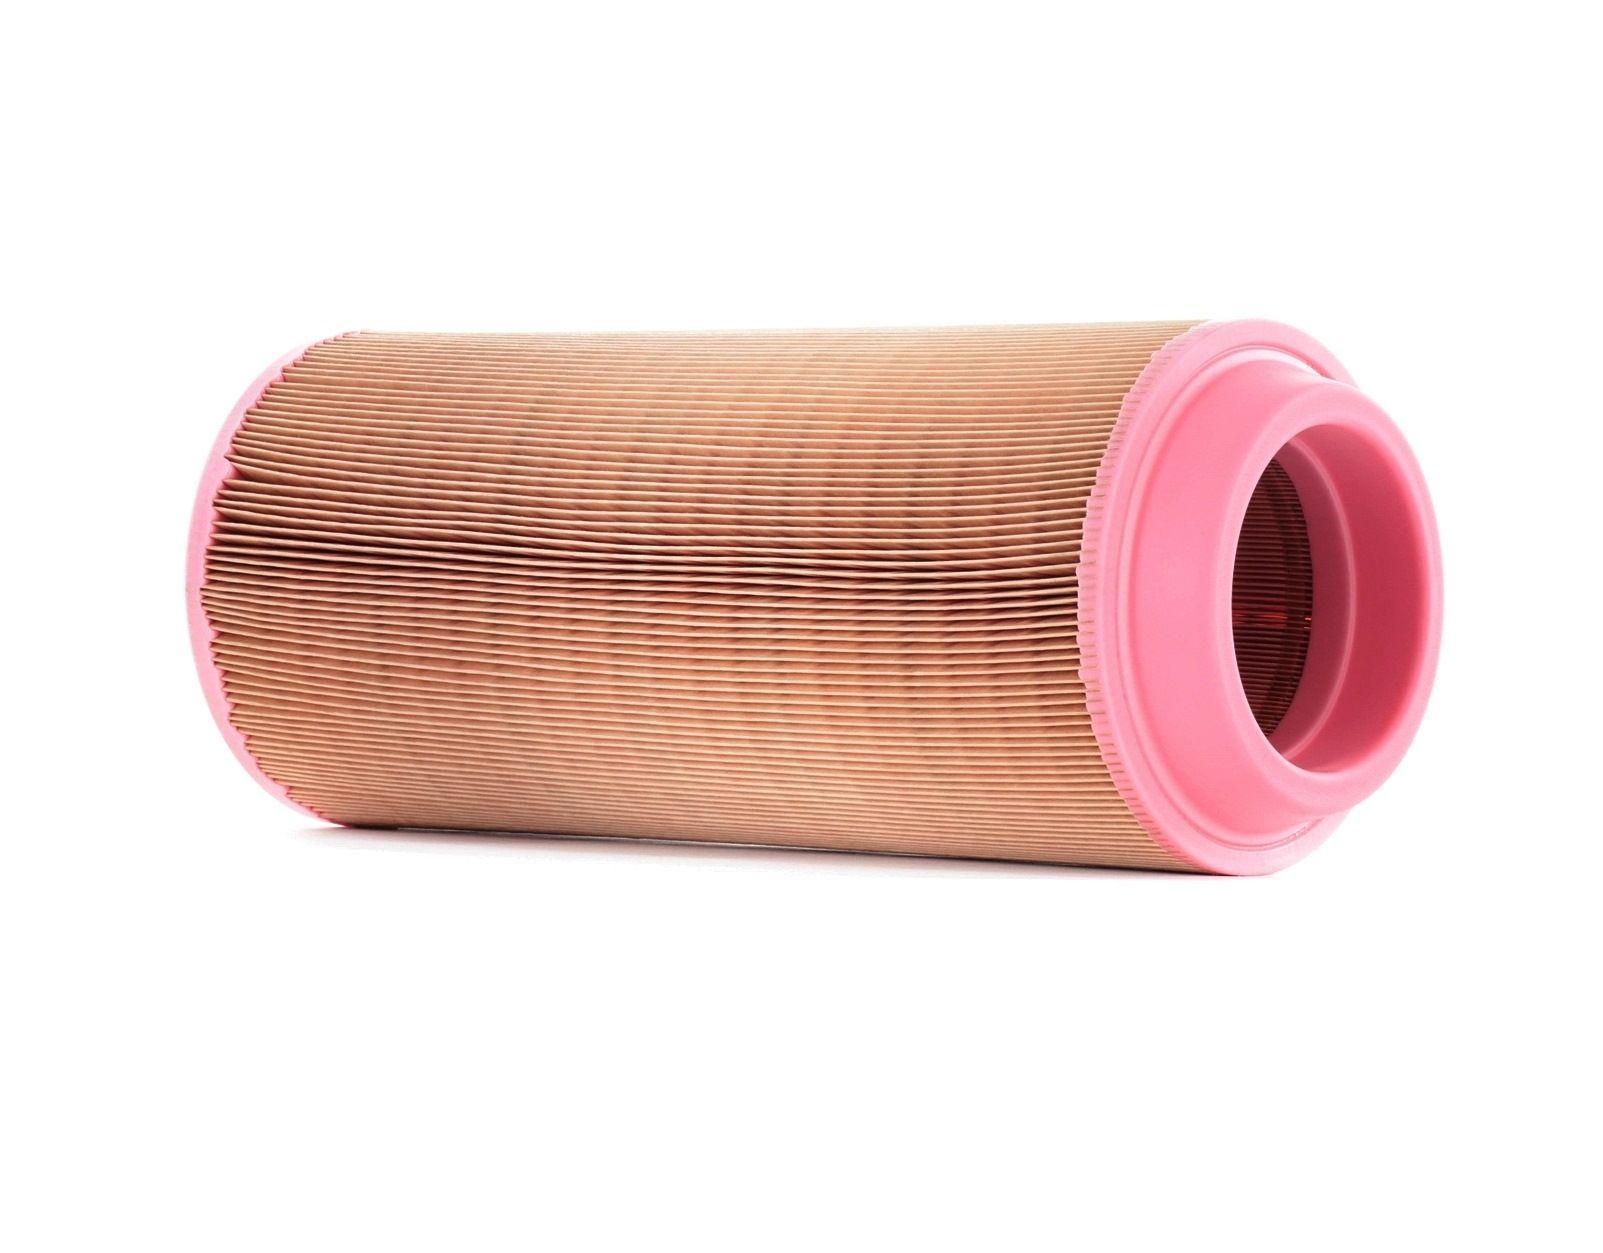 Zracni filter C 16 400 z izjemnim razmerjem med MANN-FILTER ceno in zmogljivostjo